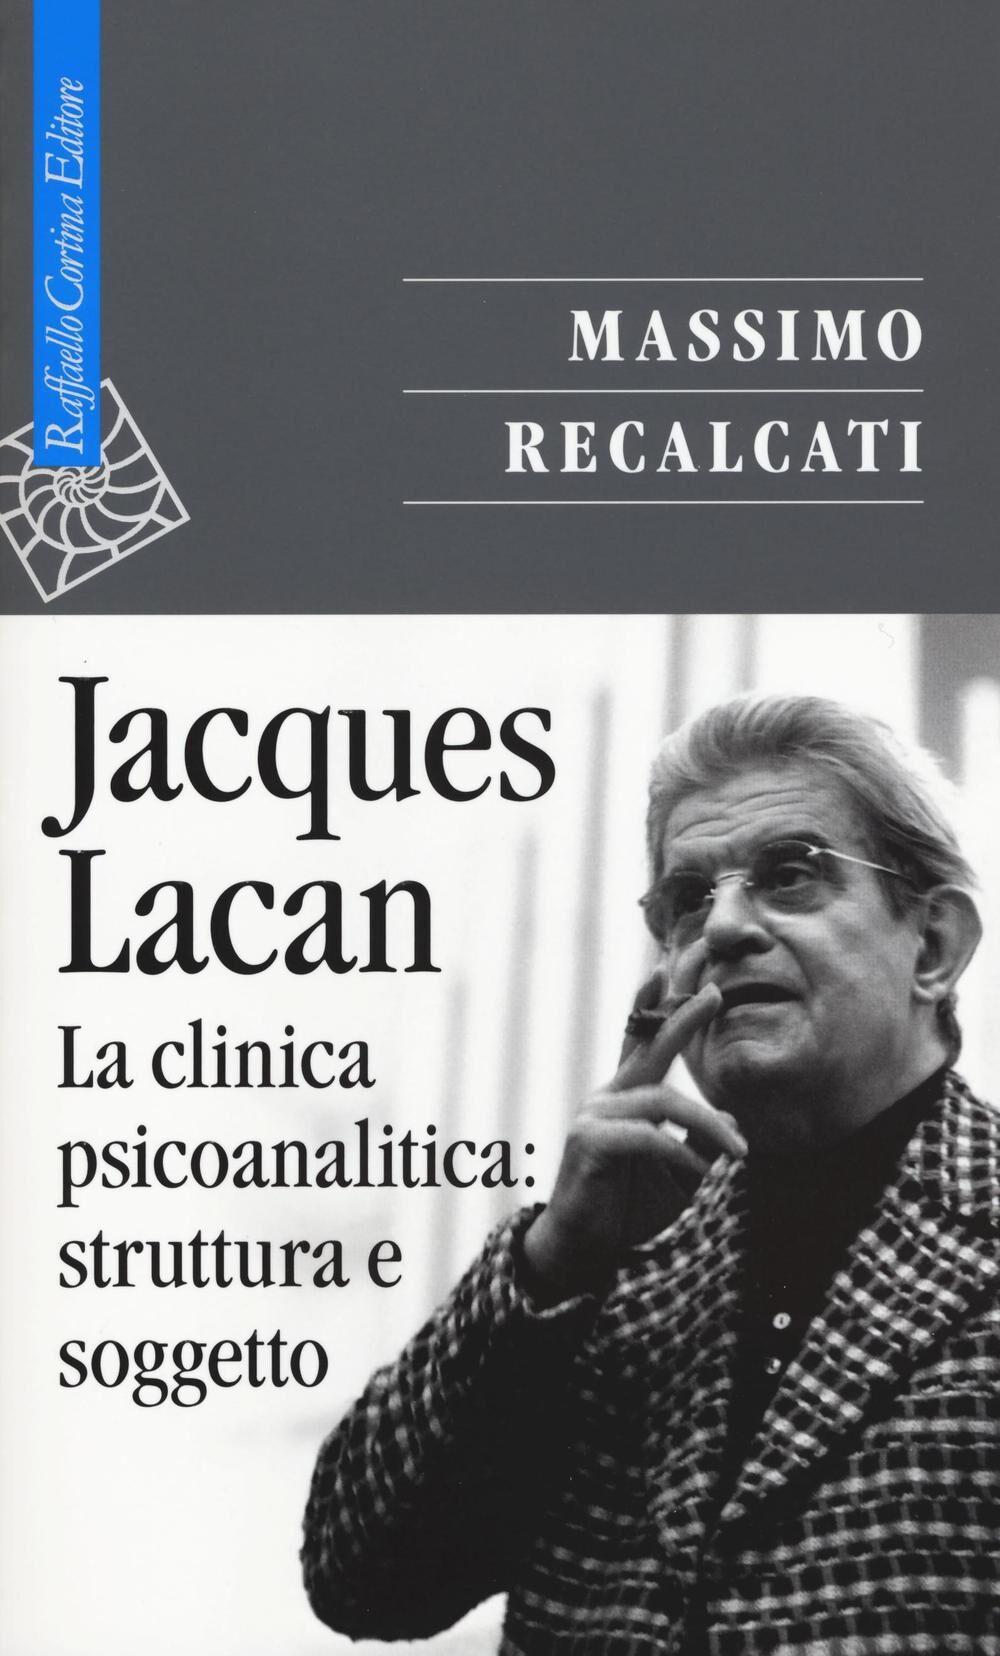 Jacques Lacan. Vol. 2: La clinica psicoanalitica: struttura e soggetto.